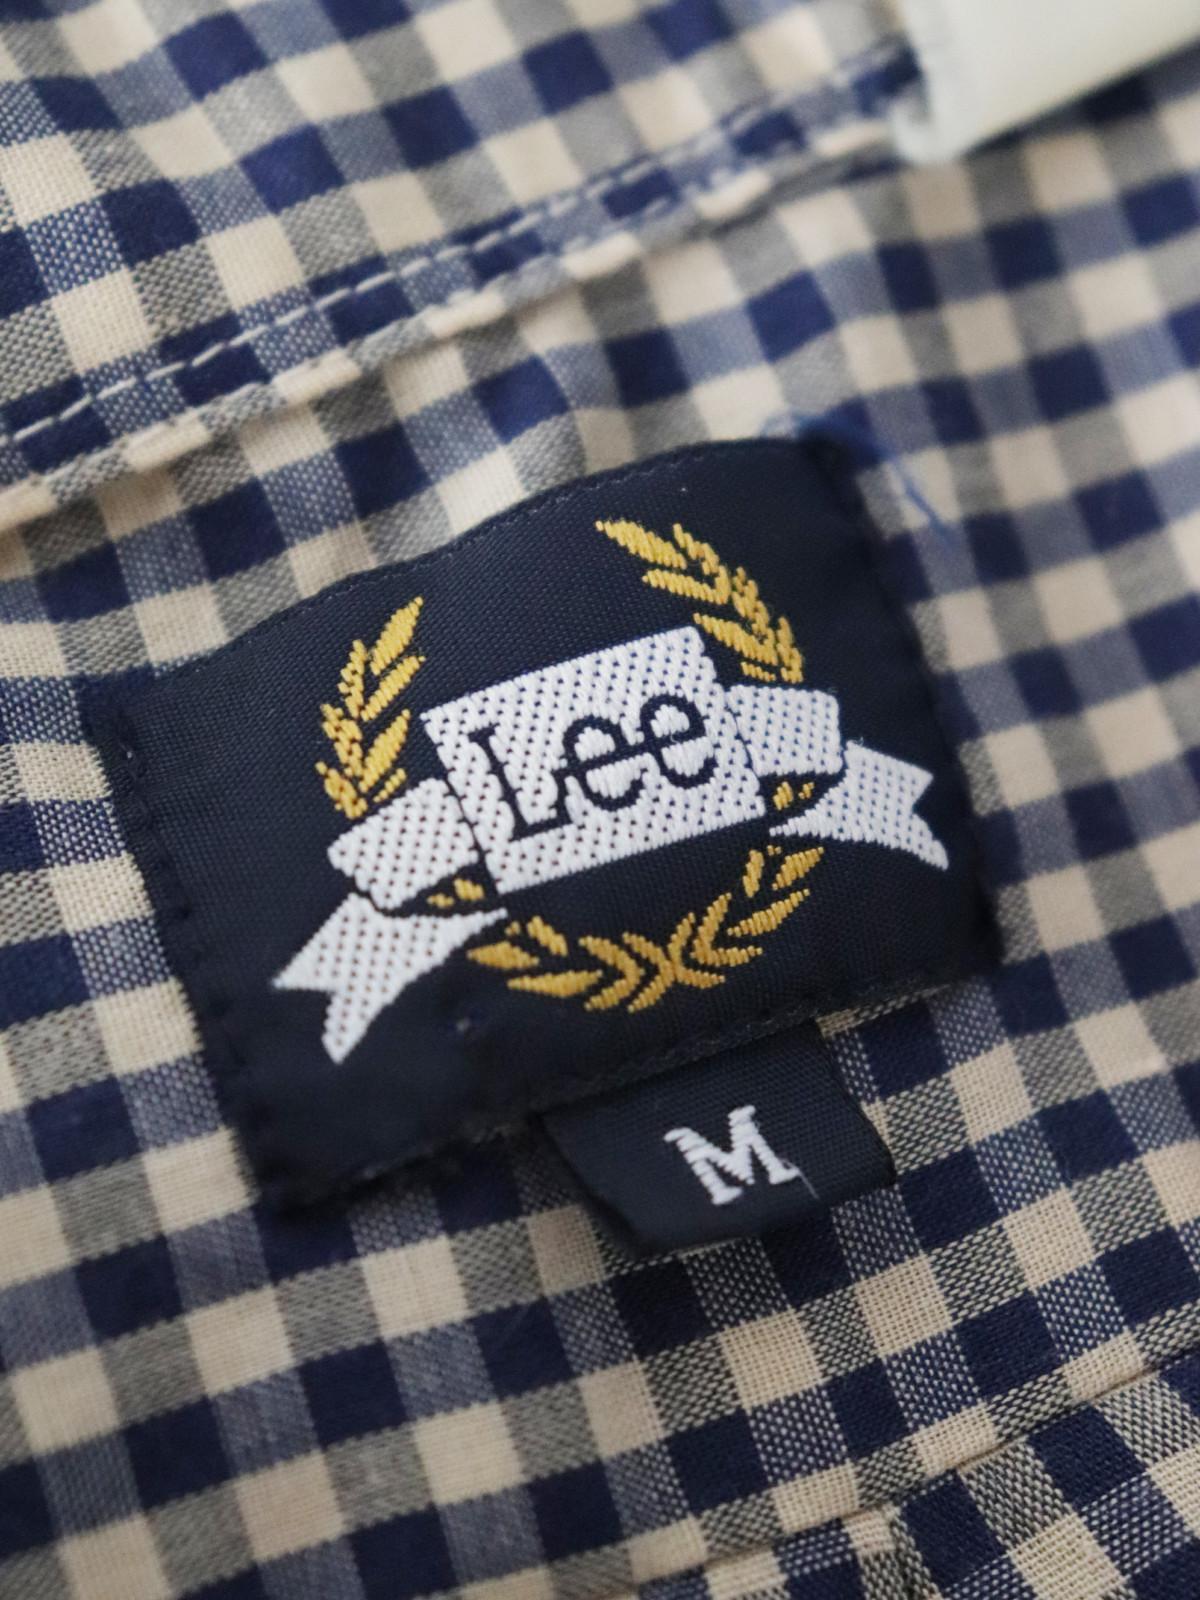 Lee, shirts,USA